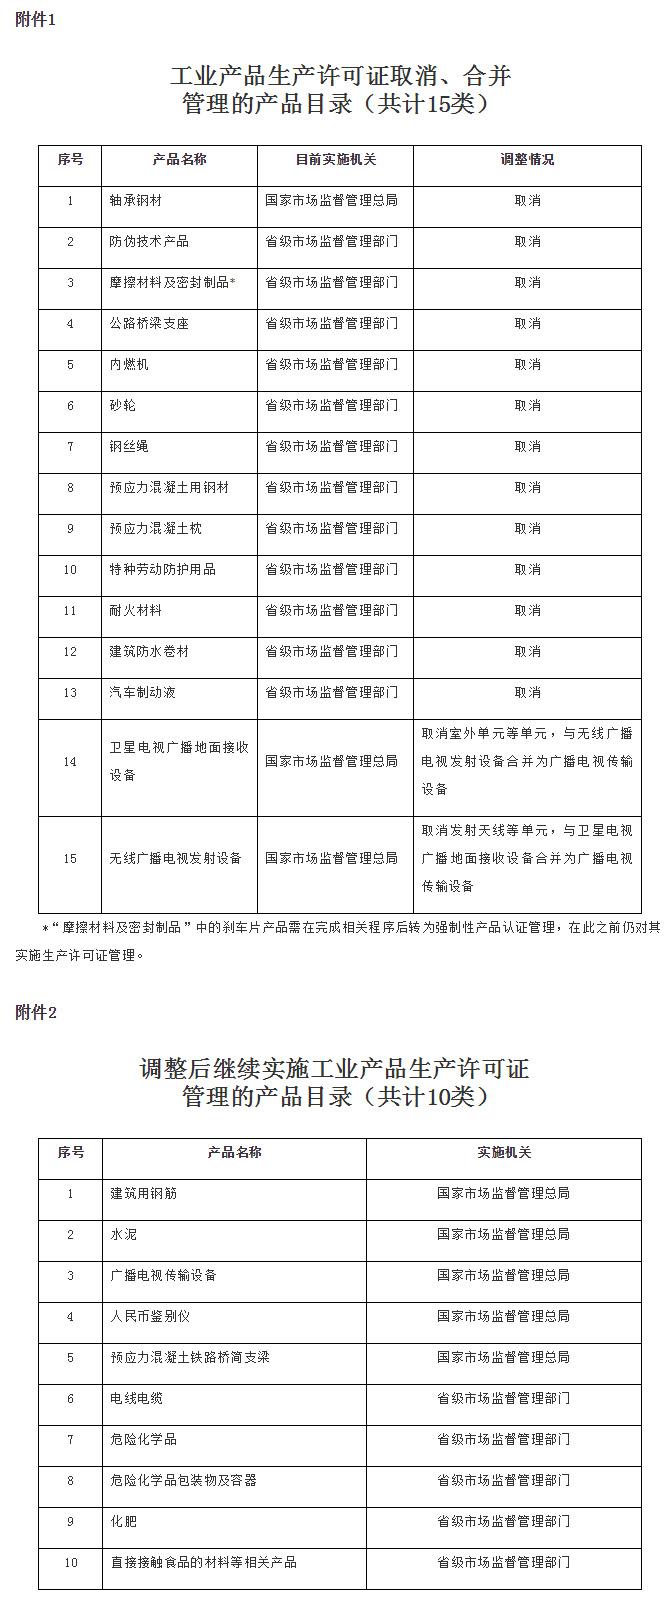 国务院关于调整工业产品生产许可证管理目录加强事中事后监管的决定